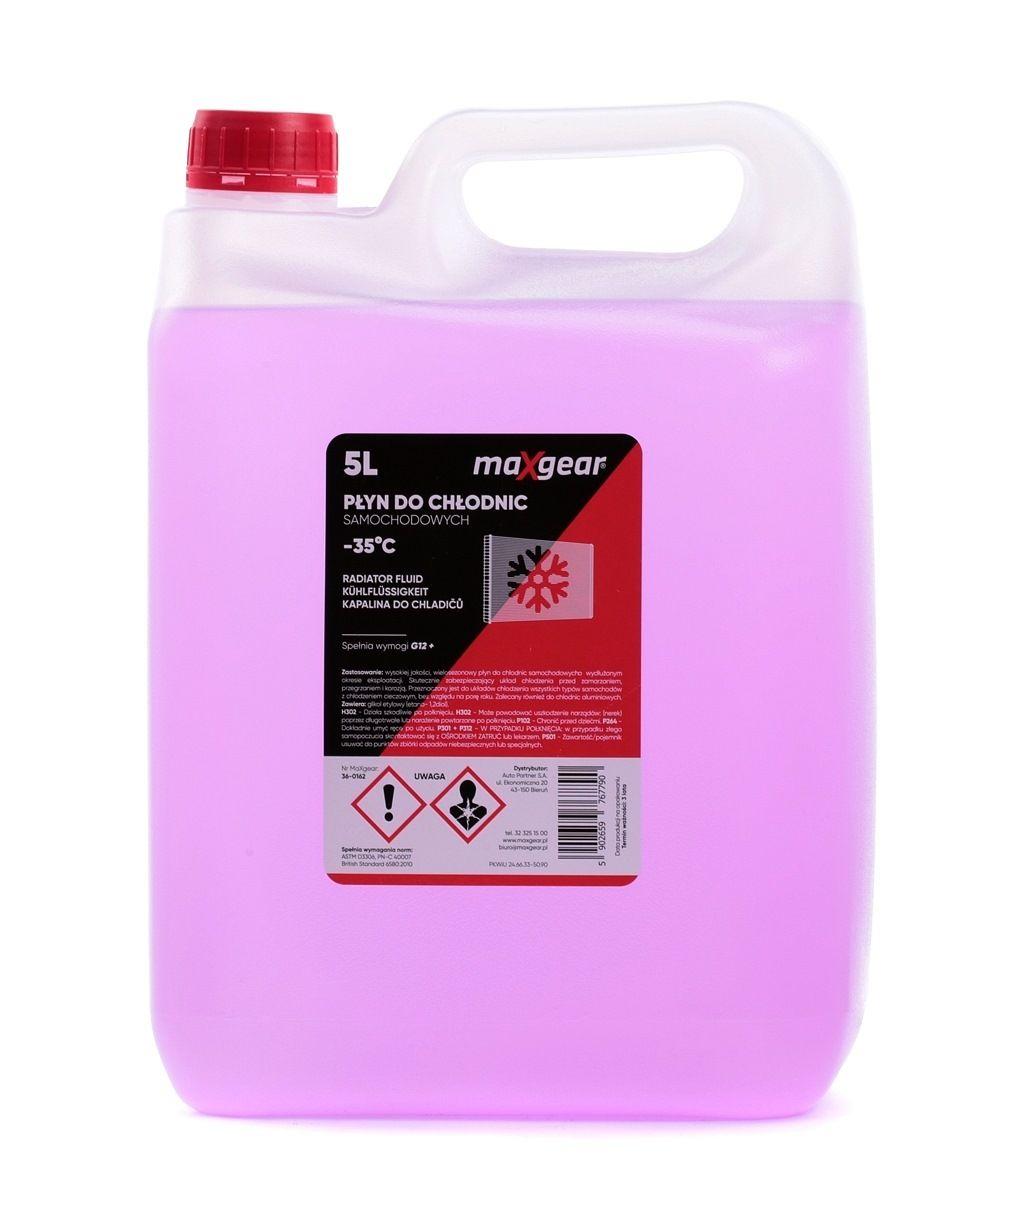 36-0162 MAXGEAR violett, Inhalt: 5l Ford WSS-M97B44-D, G 12 Plus, MB 325.3, VW TL 774 F Frostschutz 36-0162 günstig kaufen